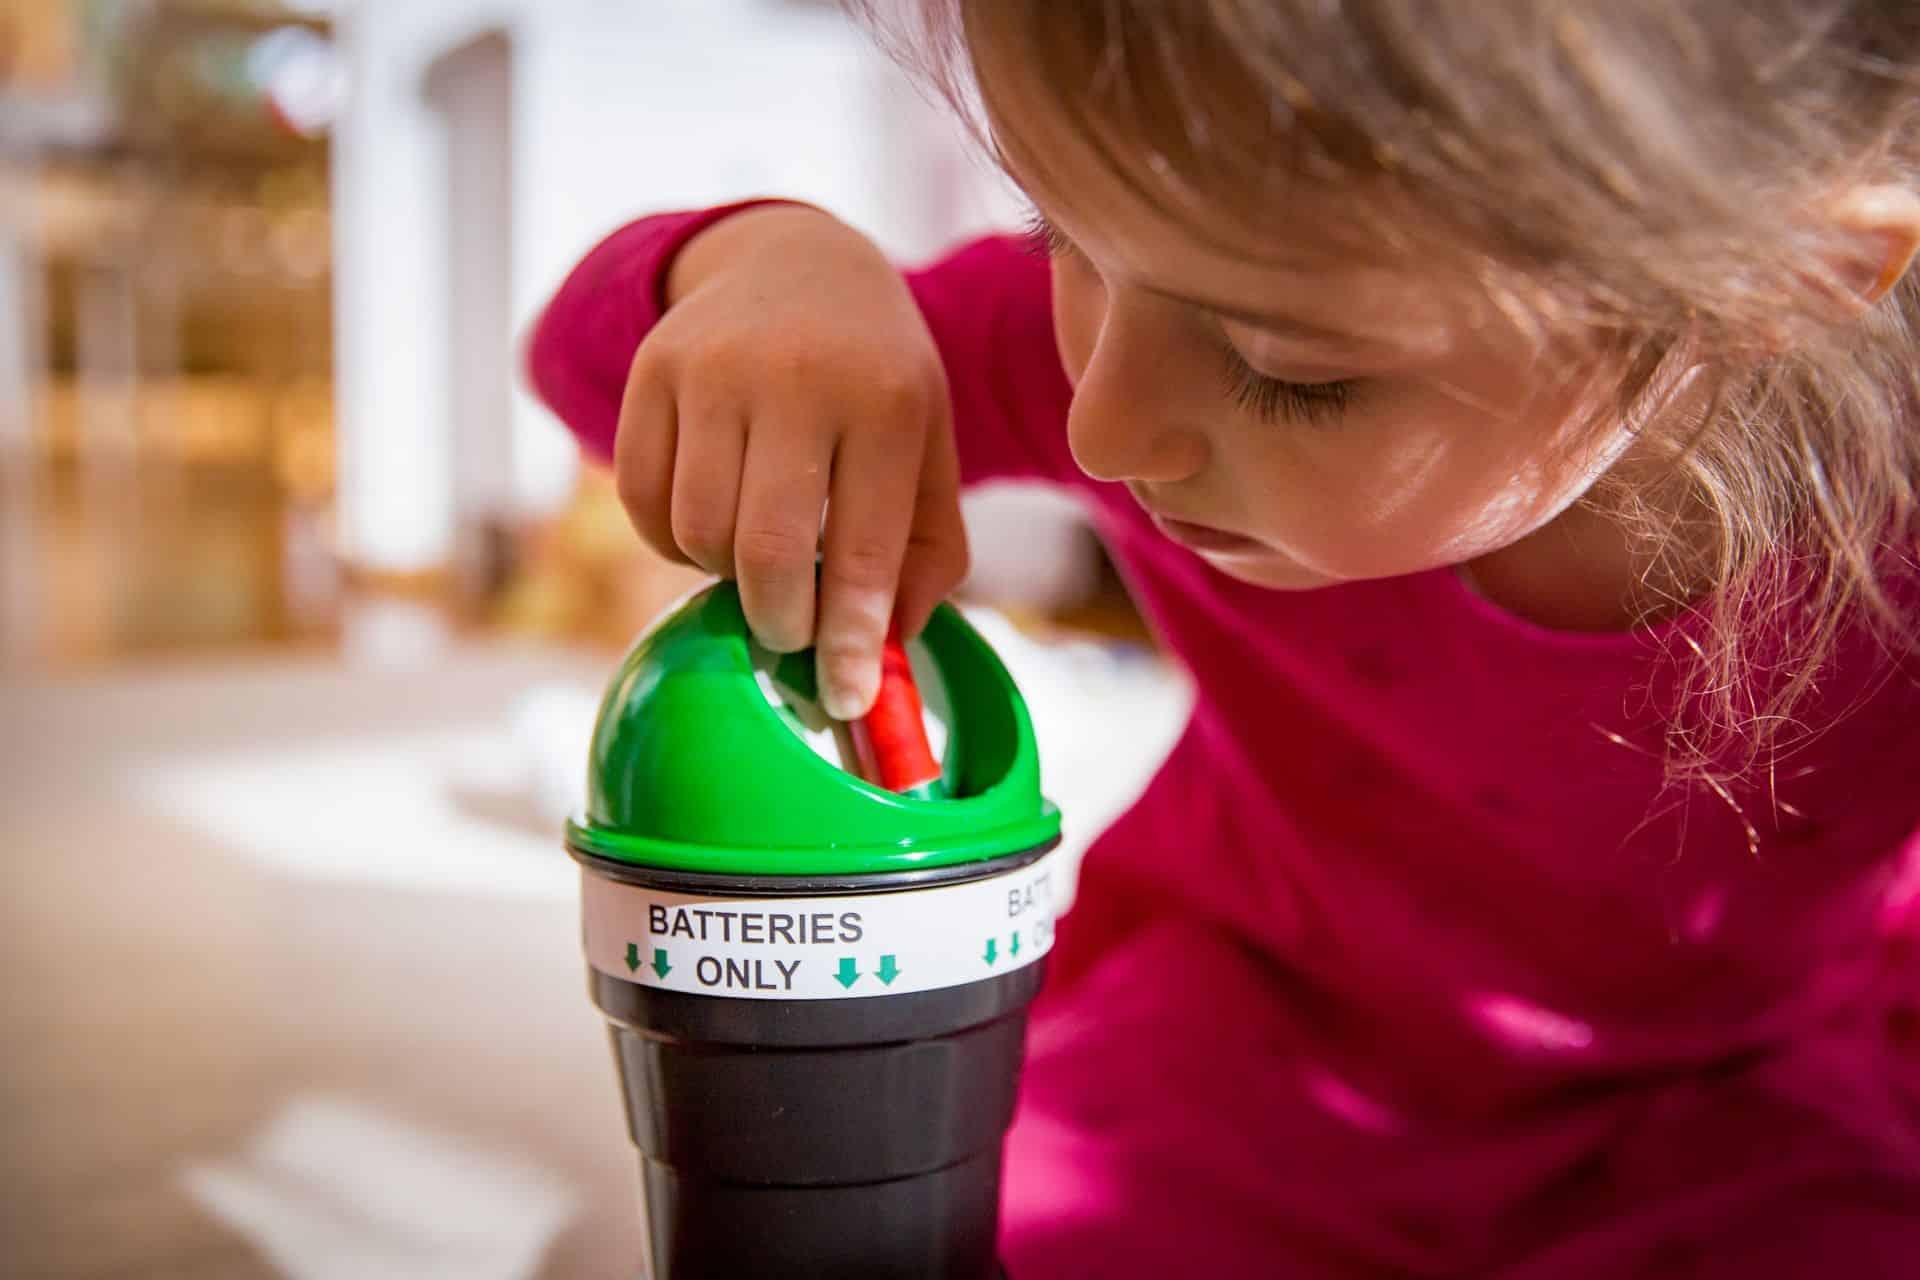 Kinderen en batterijen: zo hou je het veilig